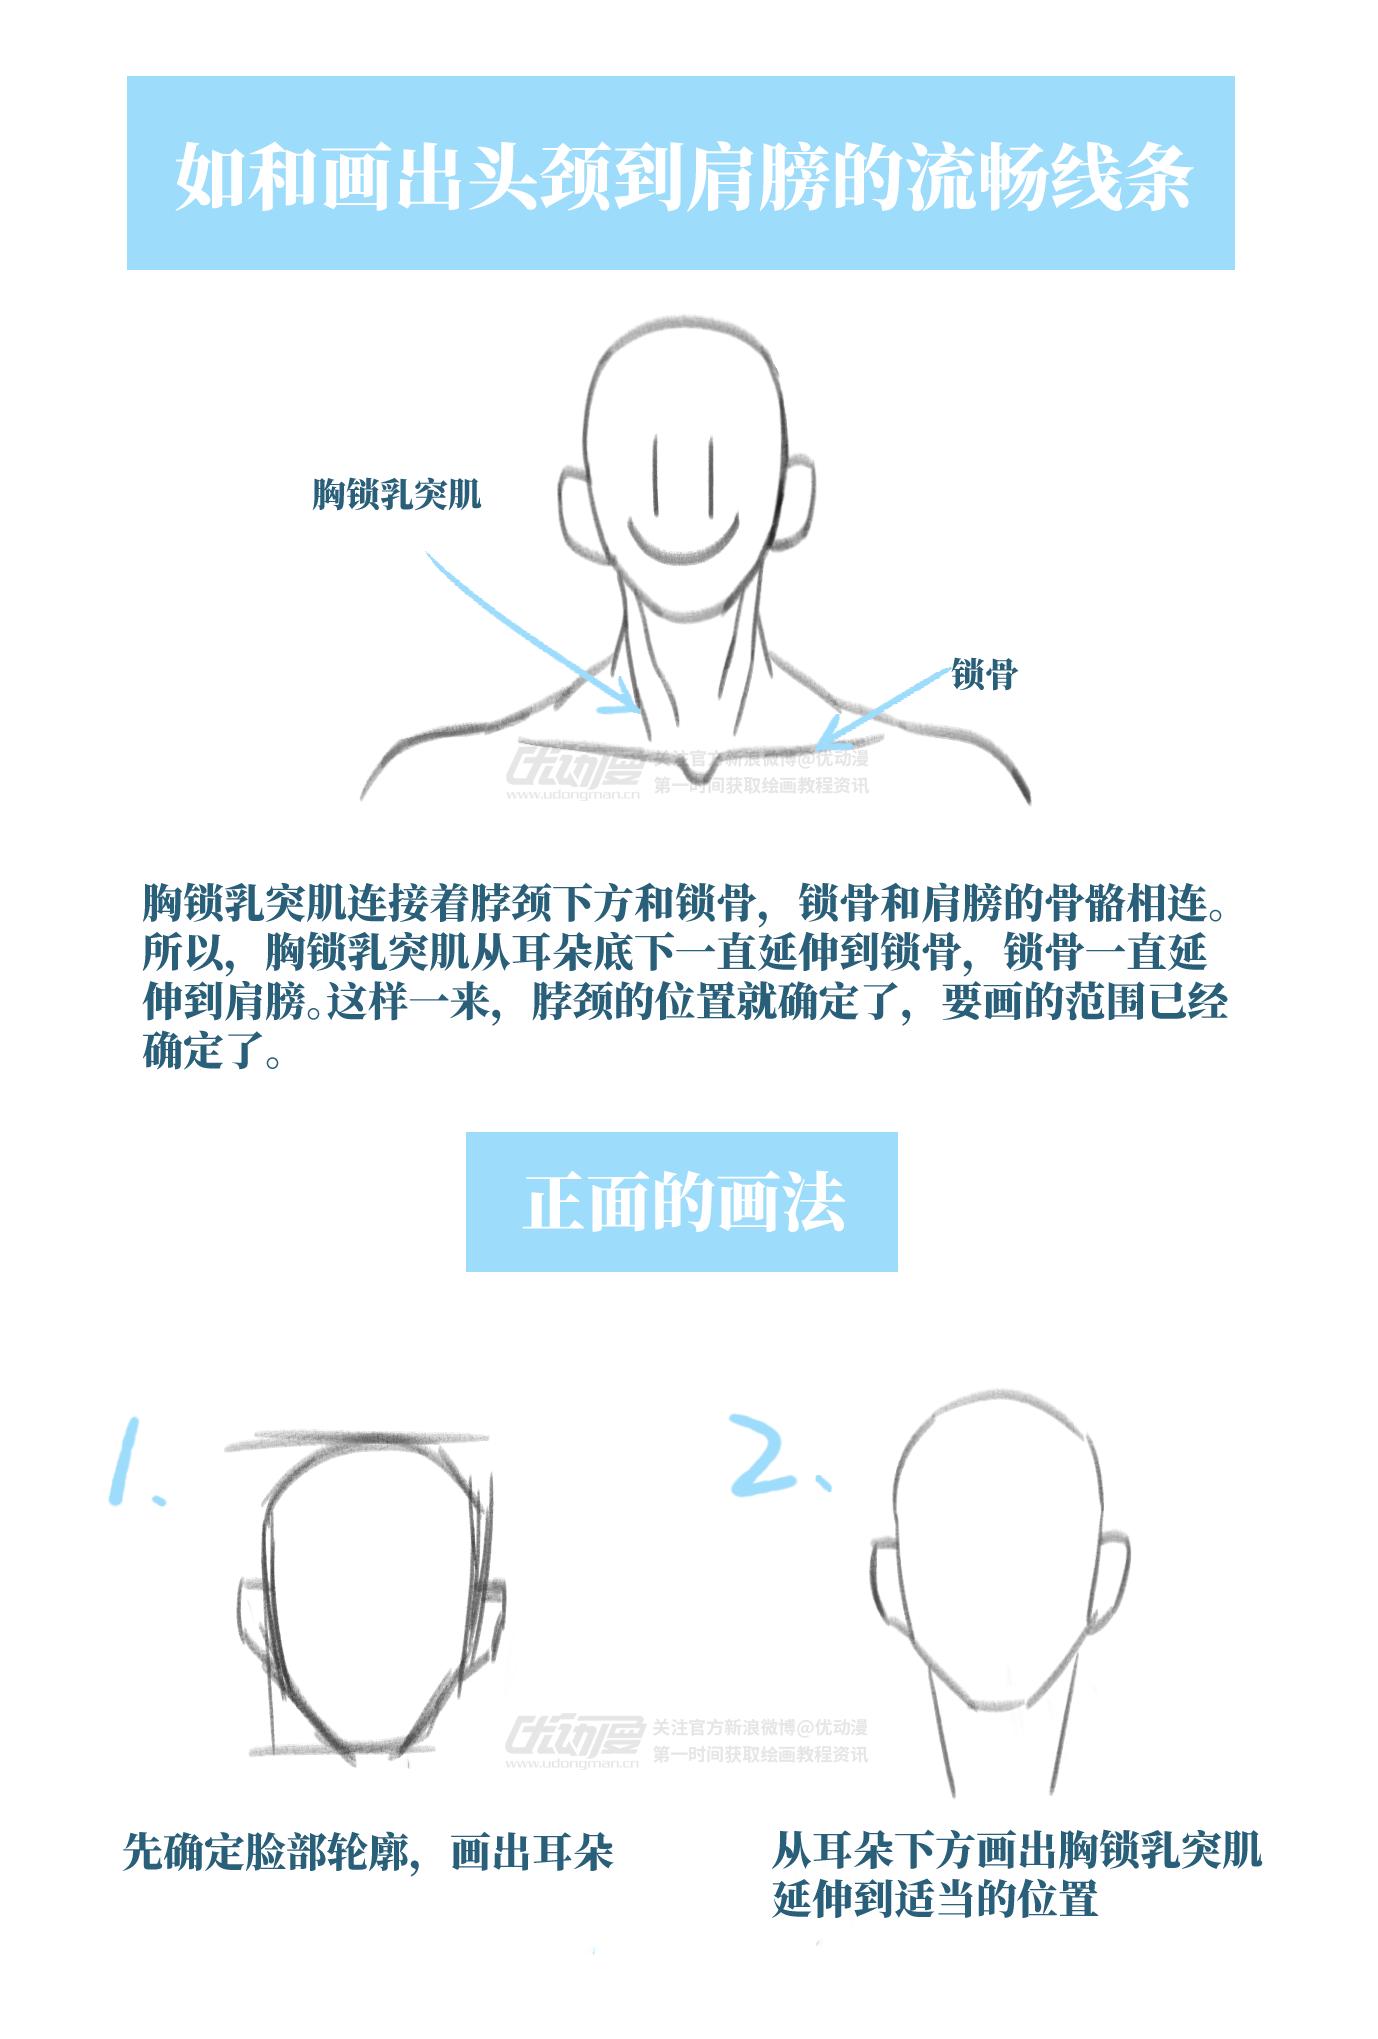 如何画出头颈到肩膀的流畅线条1.png